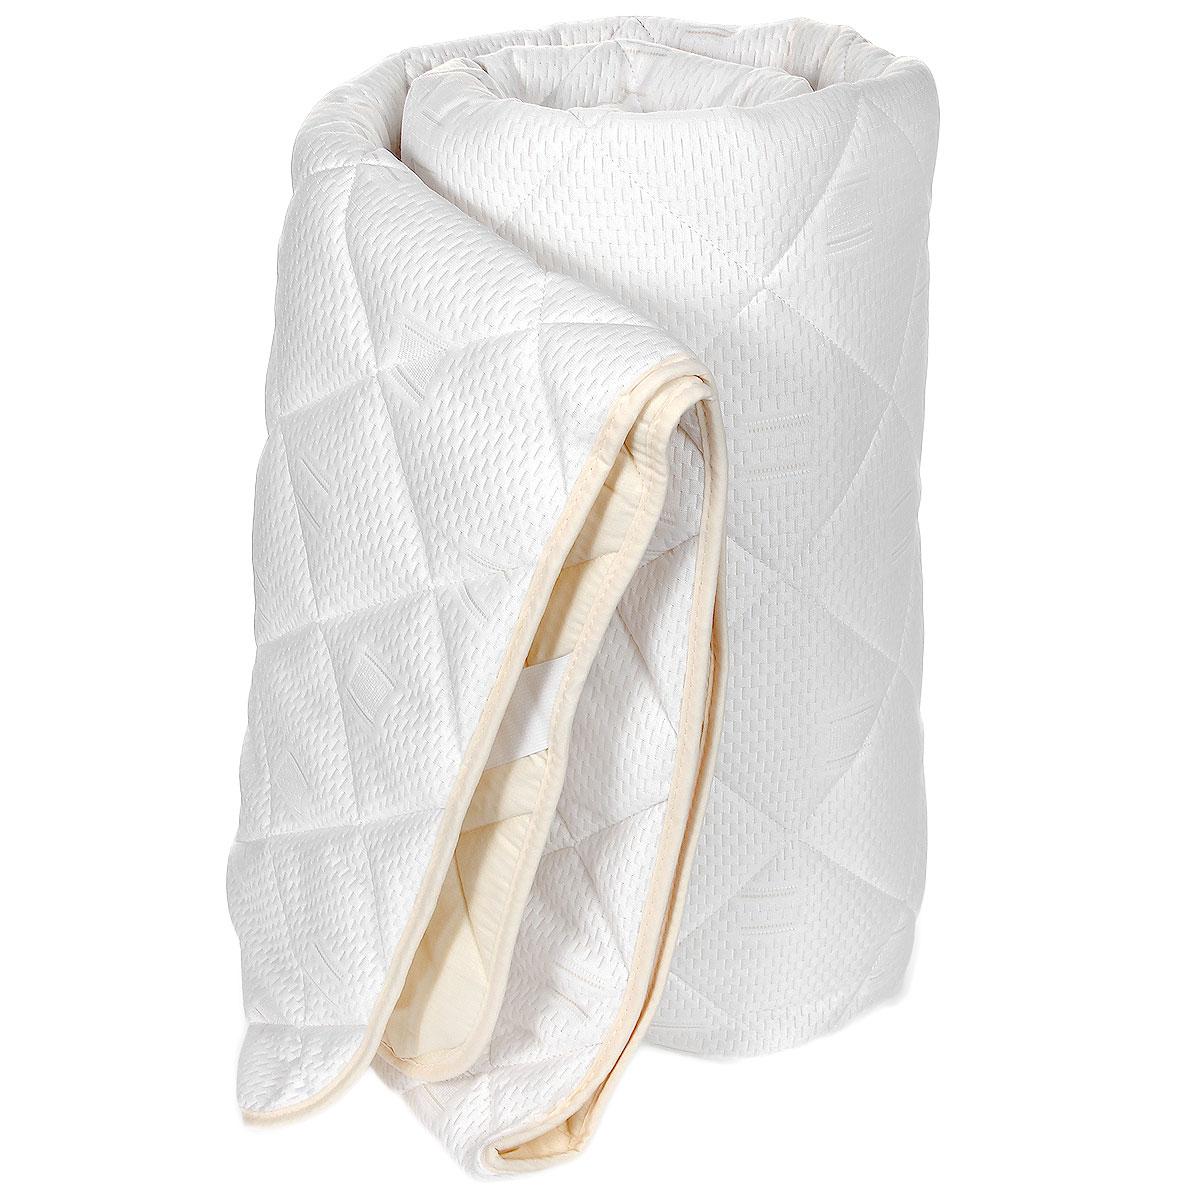 Наматрасник OL-Tex Бамбук, цвет: сливочный, 90 х 200 смОБТ-90Наматрасник OL-Tex Бабмук с наполнителем из полиэфирного высокосиликонизированного микроволокна на основе бамбука сделает ваш сон еще комфортнее. Чехол выполнен из поликоттона сливочного цвета и оформлен декоративной стежкой в виде крупных ромбов, что обеспечивает равномерное распределение тепла. Изделие изготовлено из экологичных природных и нетоксичных материалов, обладает антисептическим эффектом, гигиенично и не вызывает аллергии. Наматрасник оснащен резинками по углам, поэтому прочно удерживается на матрасе и избавляет от необходимости часто поправлять. Это защитит матрас от грязи и пыли и придаст дополнительный комфорт вашему спальному месту. Мягкий и легкий, он прекрасно подойдет для жестких кроватей и диванов, делая ваш сон спокойным и приятным. Легко стирается. Бамбуковое волокно - это экологически чистая основа для создания наполнителя нового поколения, имеет естественные антибактериальные и дезодорирующие функции. Обладает прекрасной воздухопроницаемостью и...